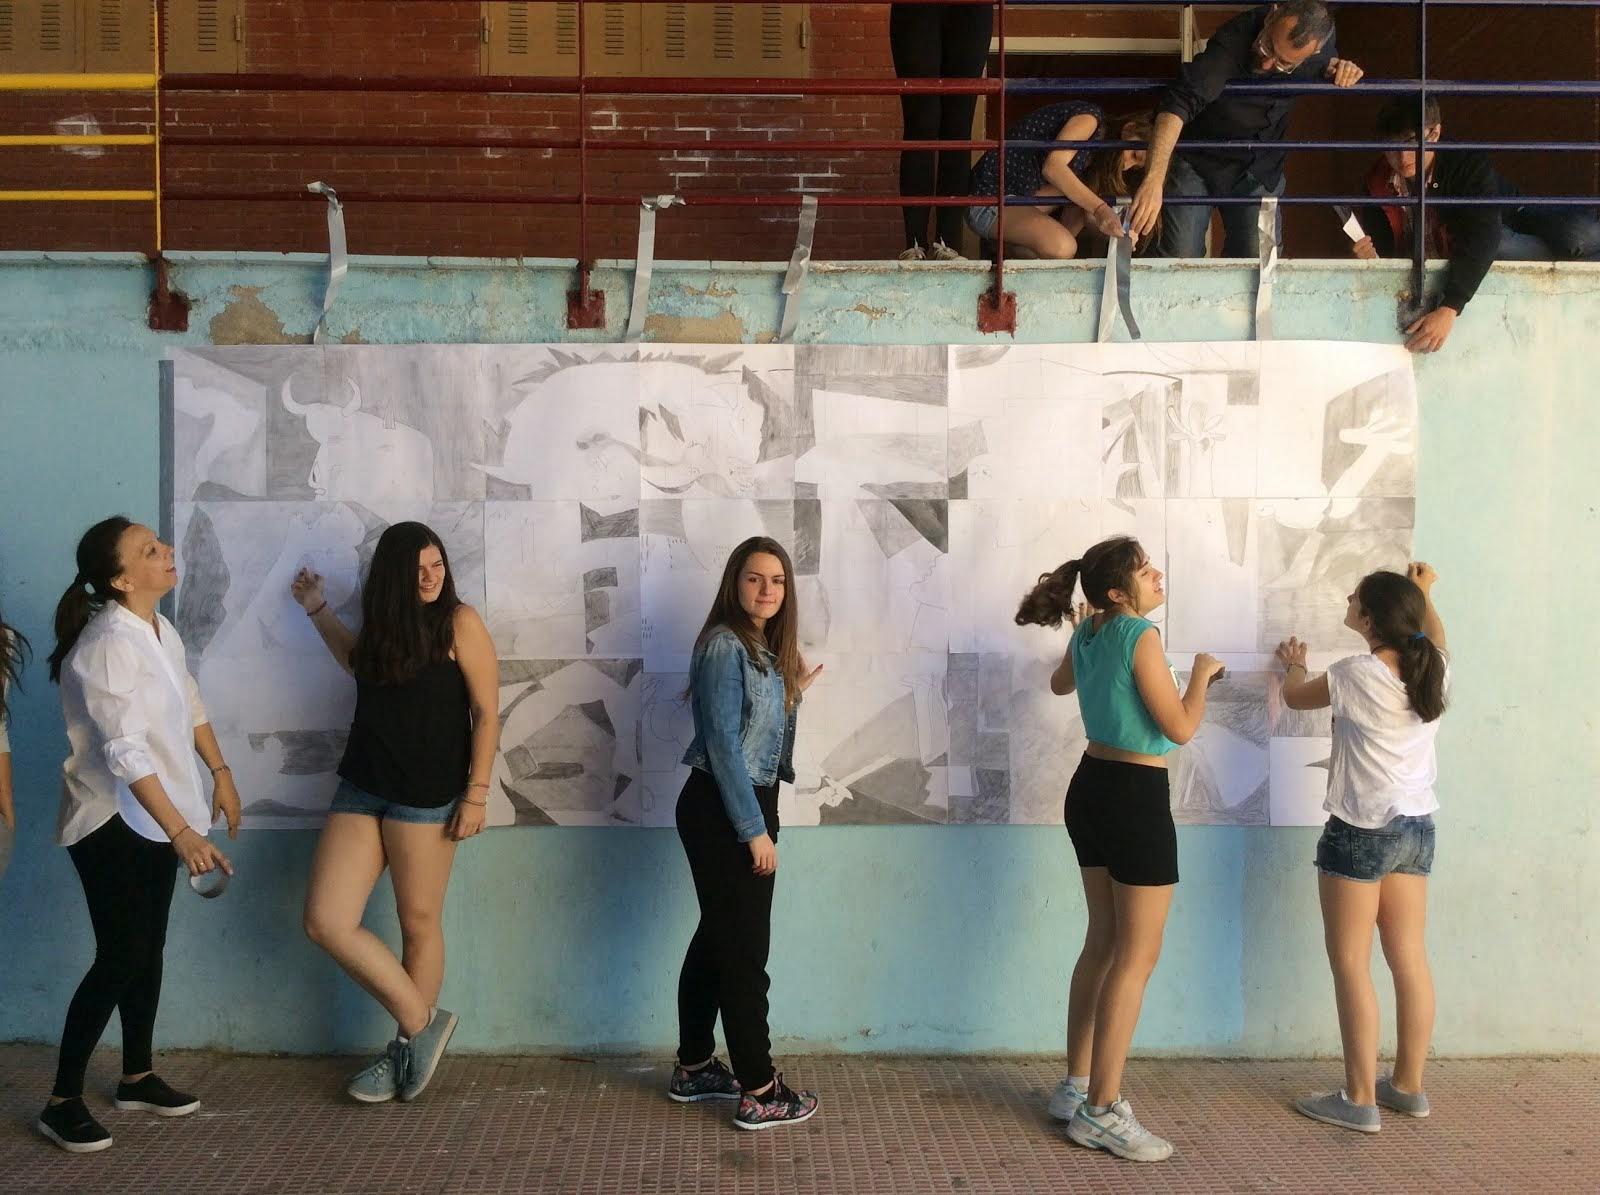 Jornada cultural 15/05/15.